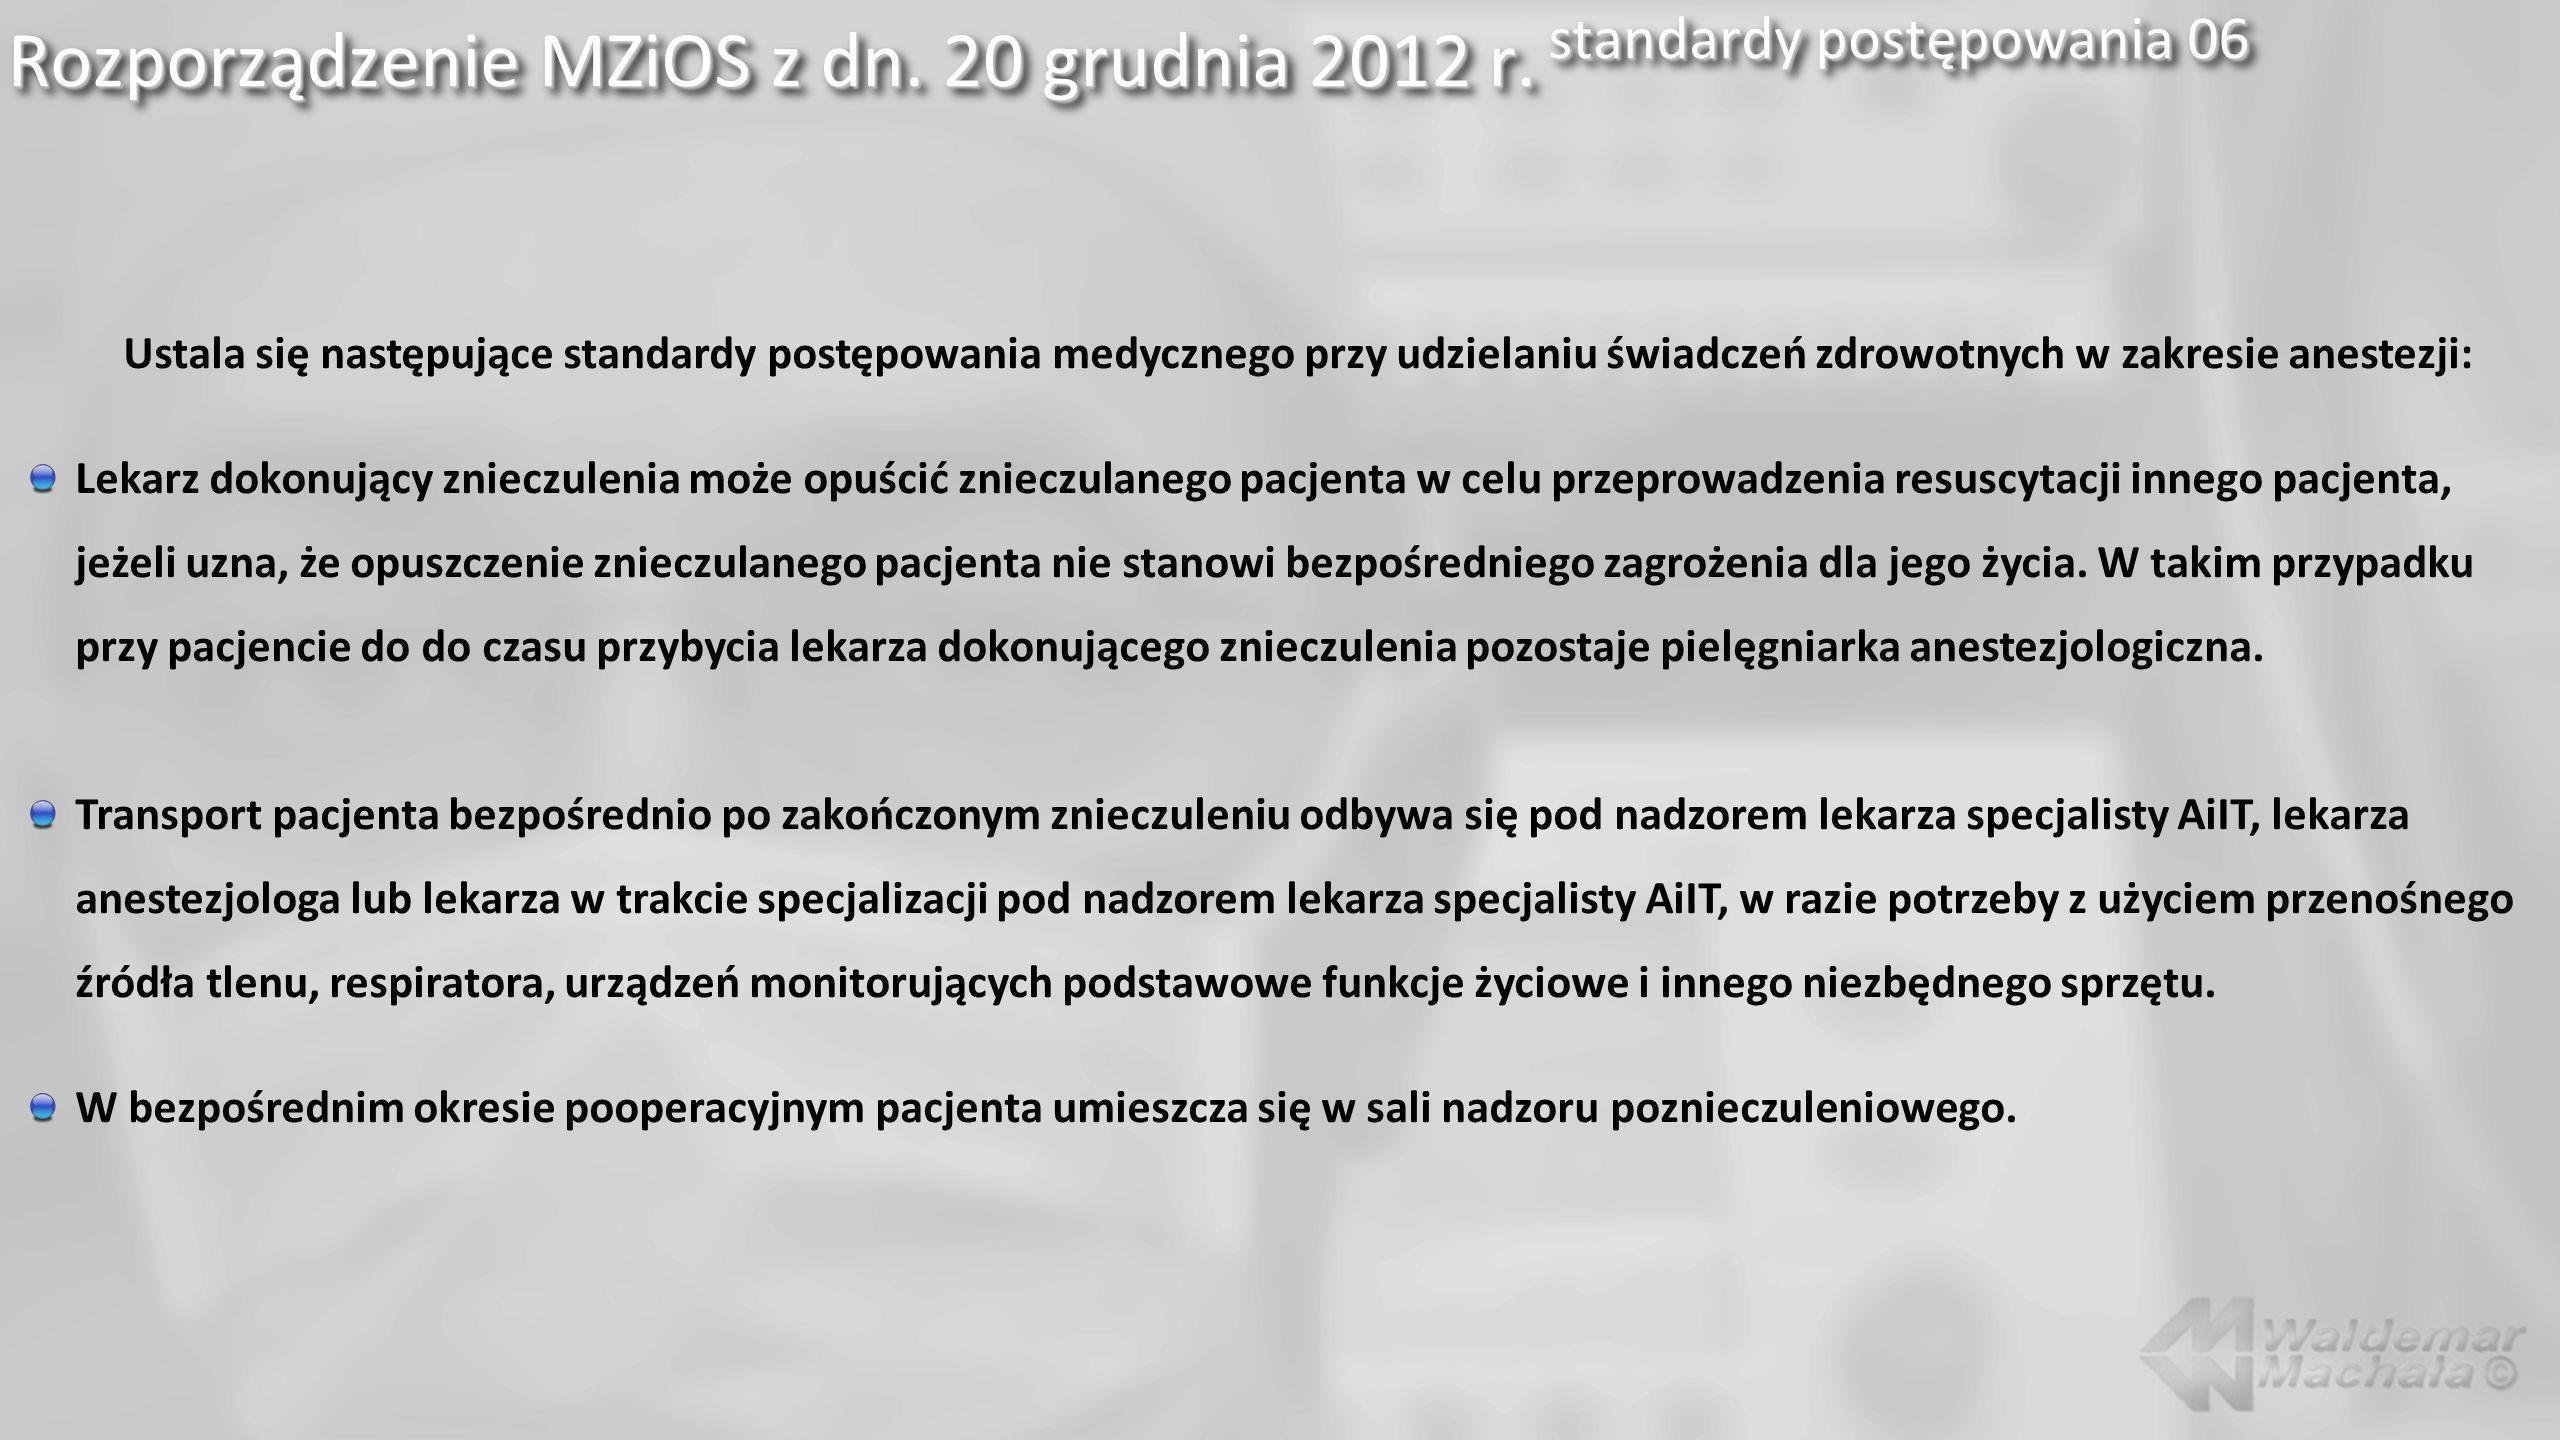 Rozporządzenie MZiOS z dn. 20 grudnia 2012 r. standardy postępowania 06